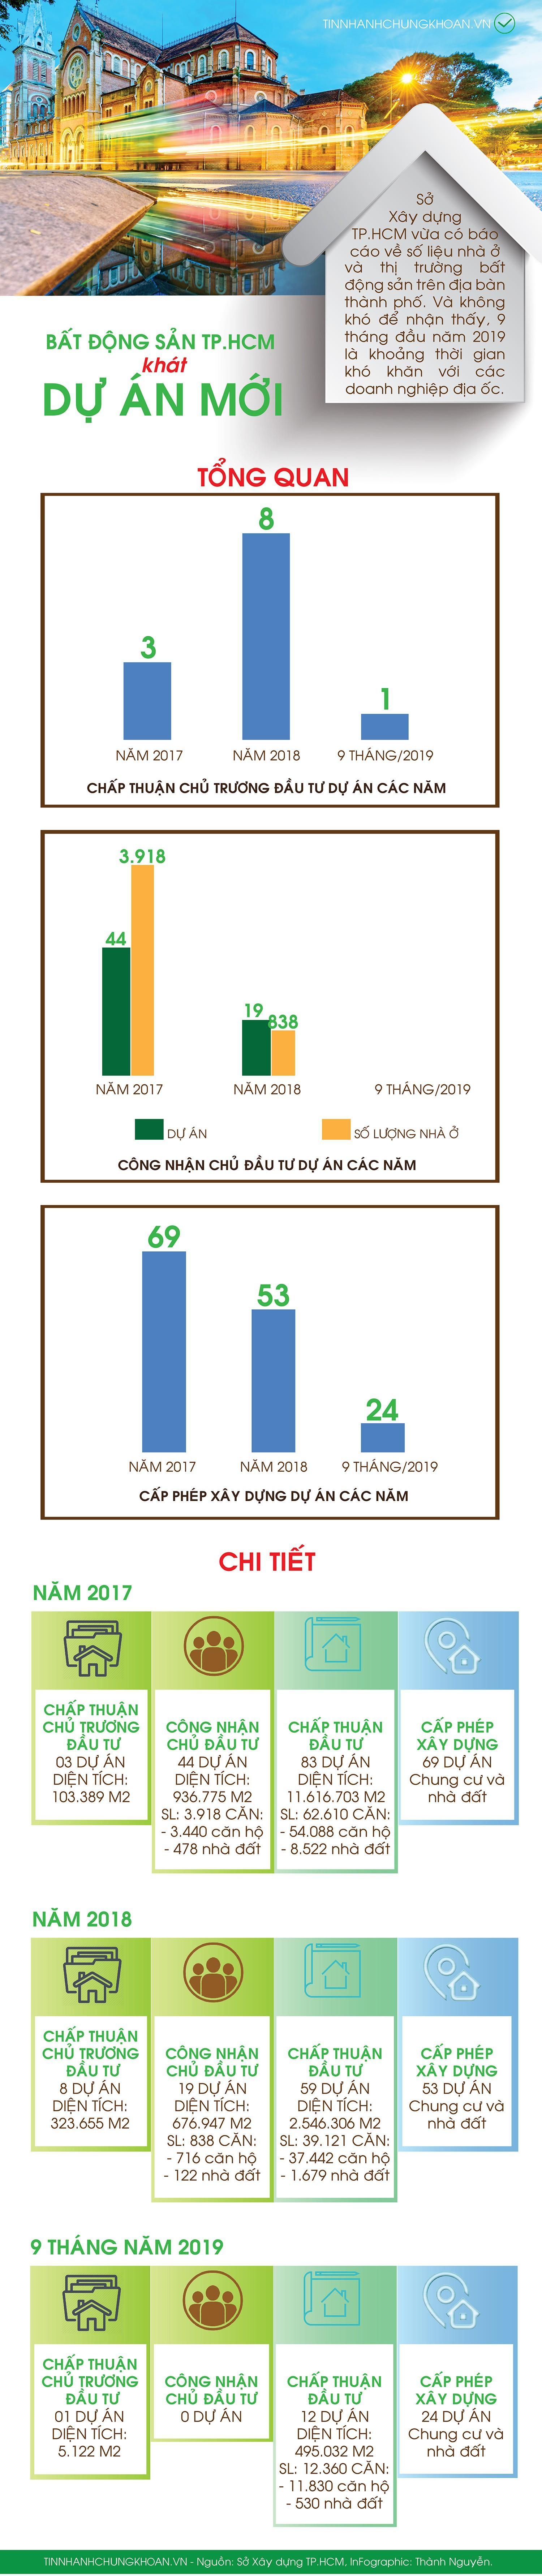 [Infographic] Thị trường bất động sản TP HCM khát dự án mới - Ảnh 1.